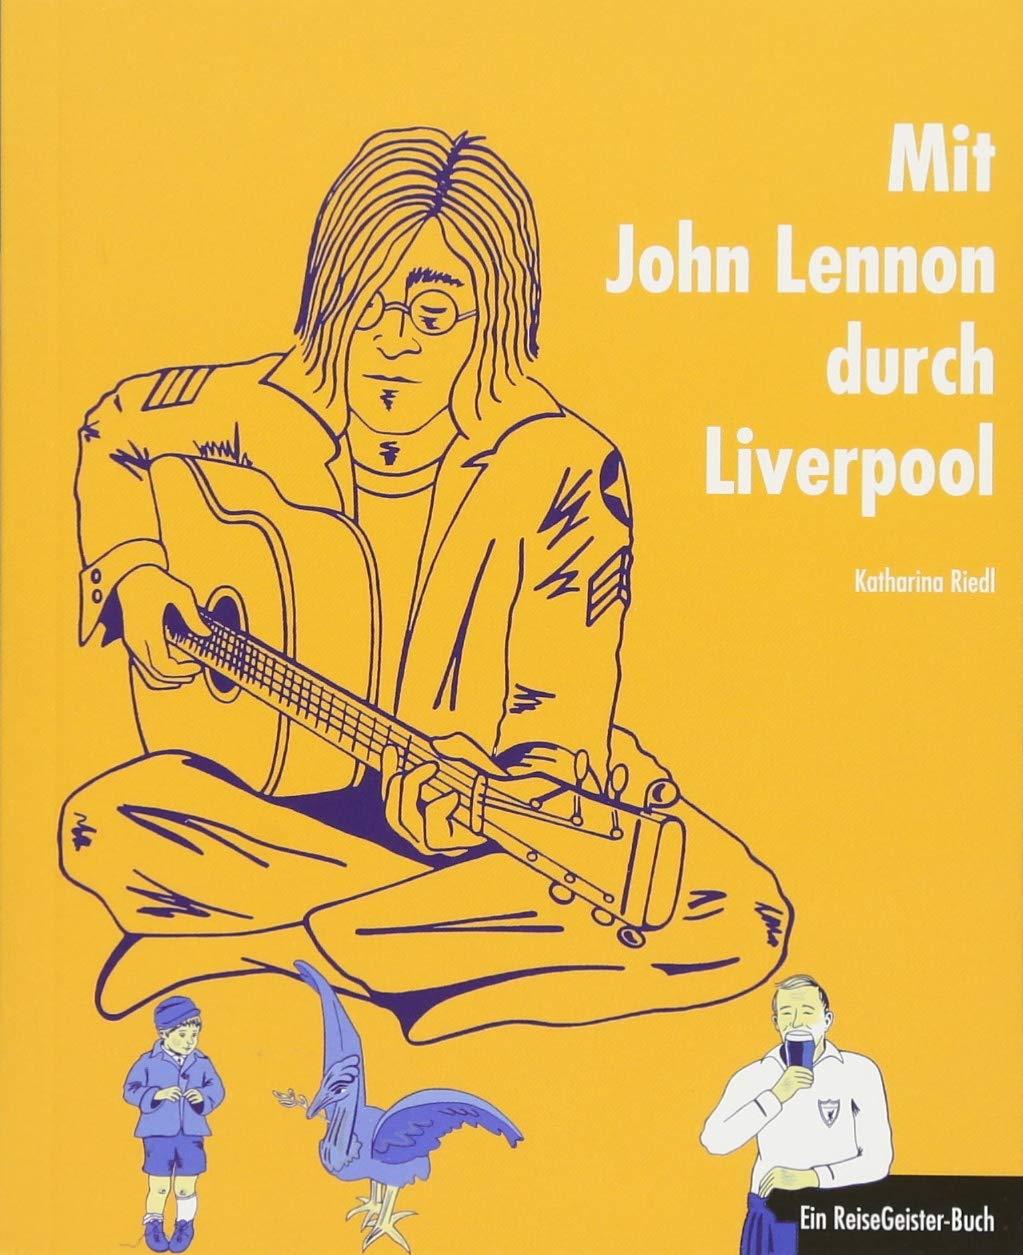 Mit John Lennon durch Liverpool: Ein ReiseGeister-Buch